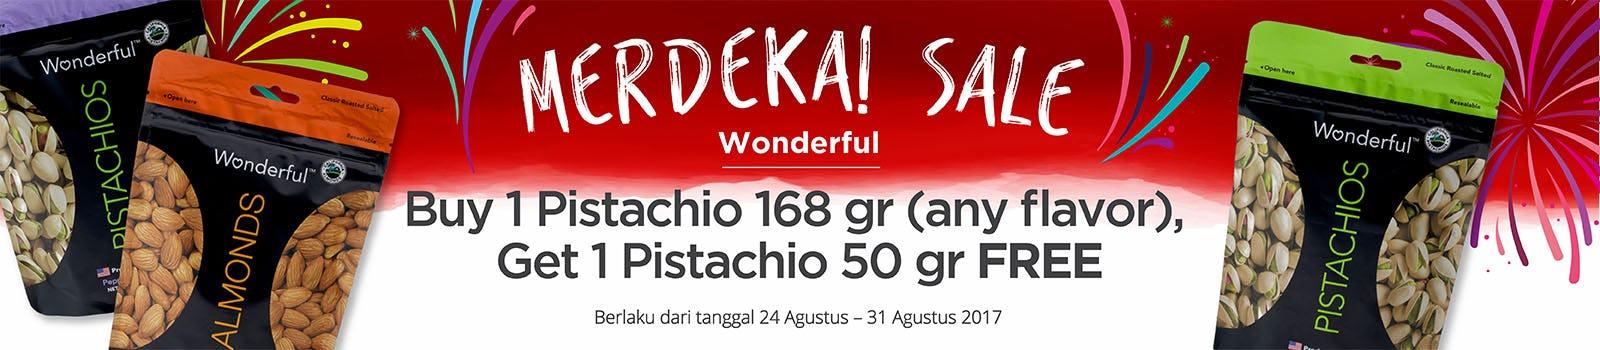 Merdeka Sale Wonderful Pistachio